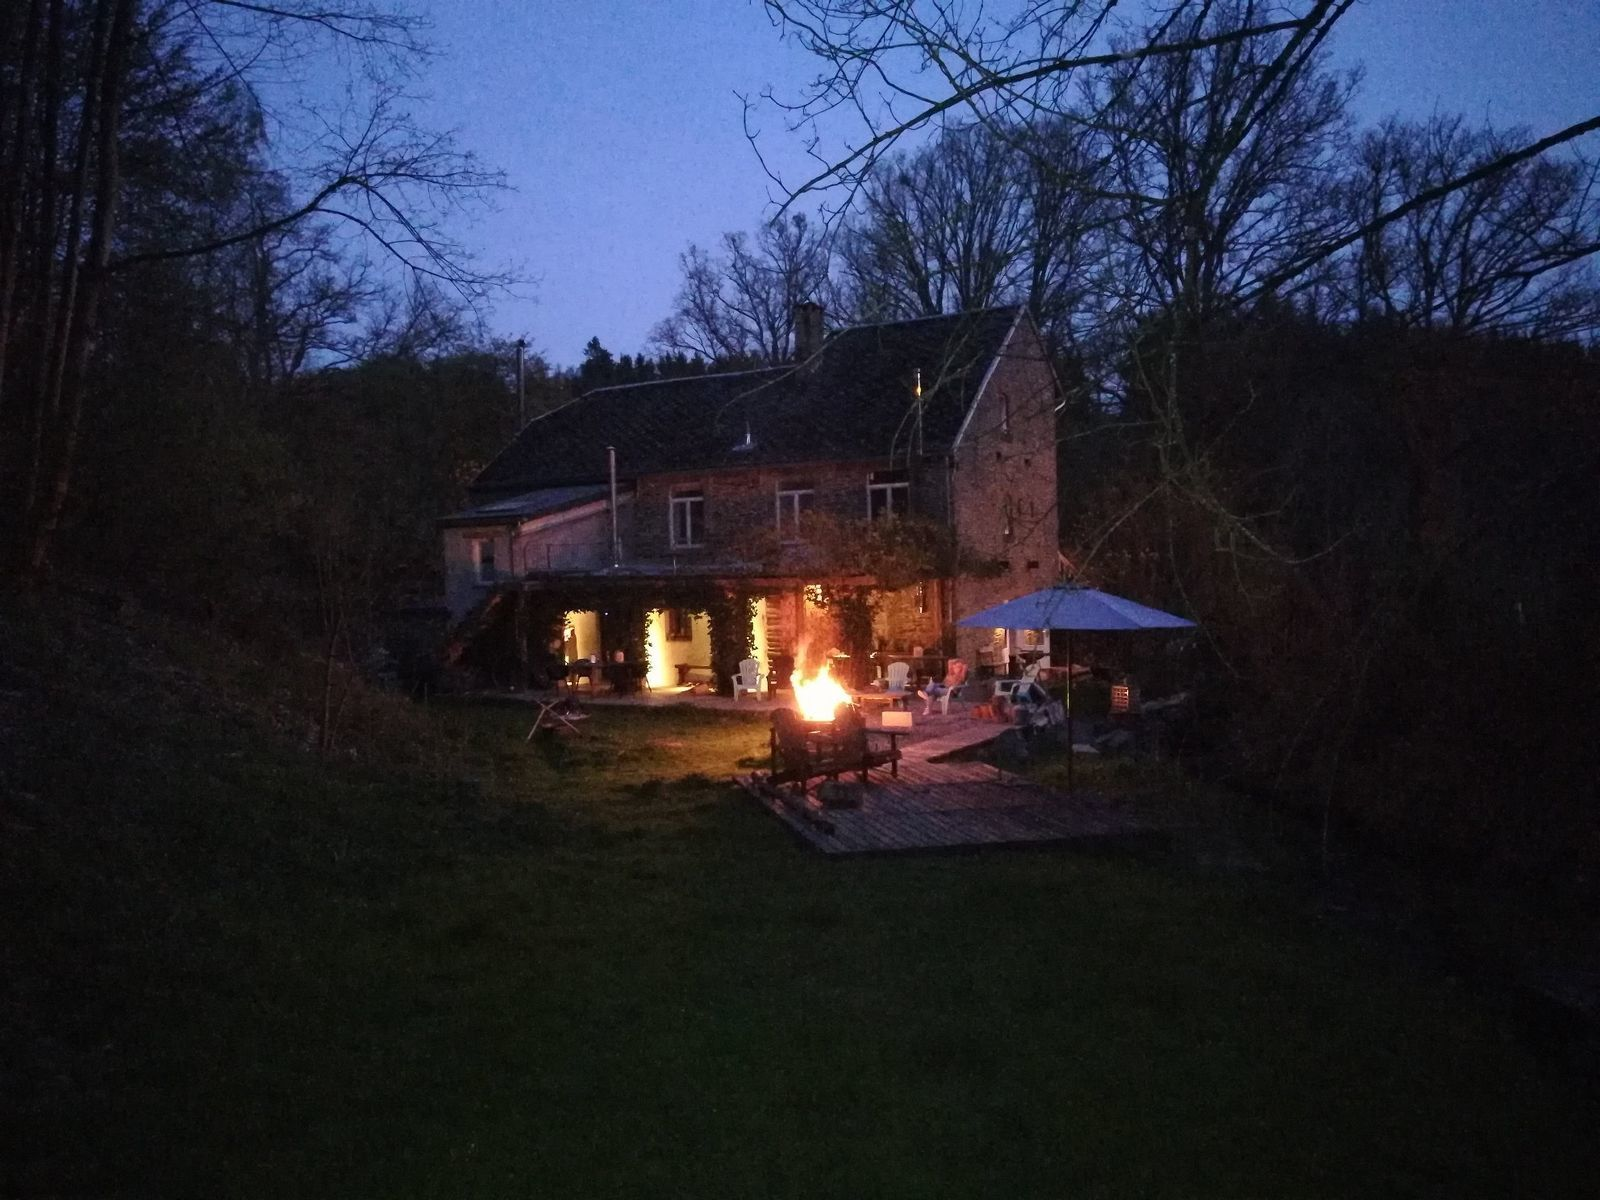 Vakantiehuis la Source de Bru - groepshuis met pizzaoven